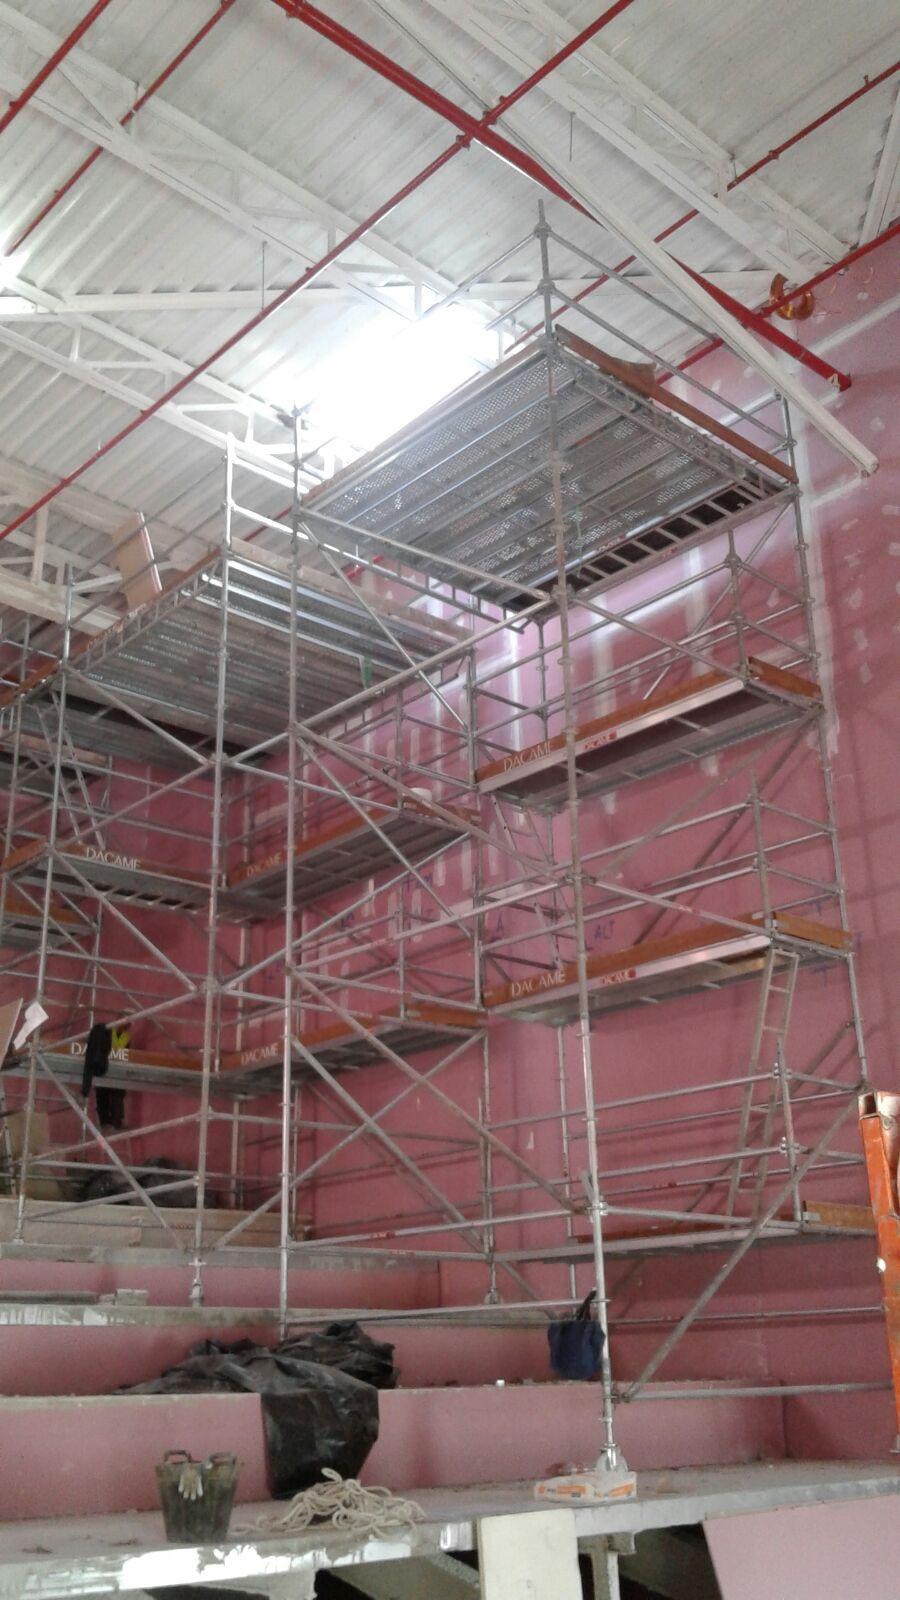 Opincan - Salas de cine Yelmo en el Centro Comercial Alisios - Obras 19